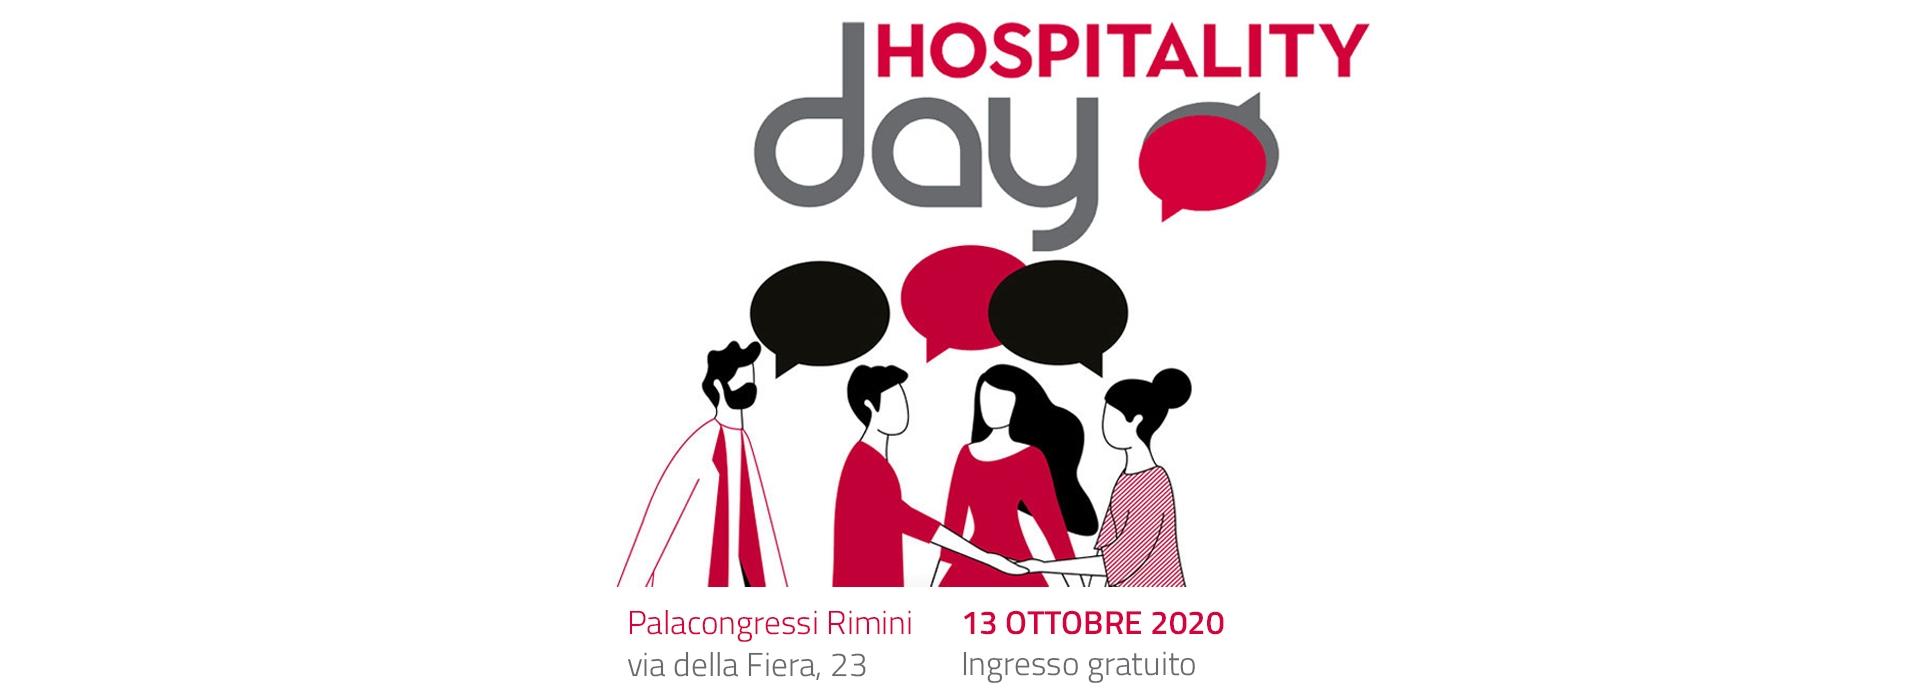 Il 13 ottobre saremo a Rimini all'Hospitality Day 2020